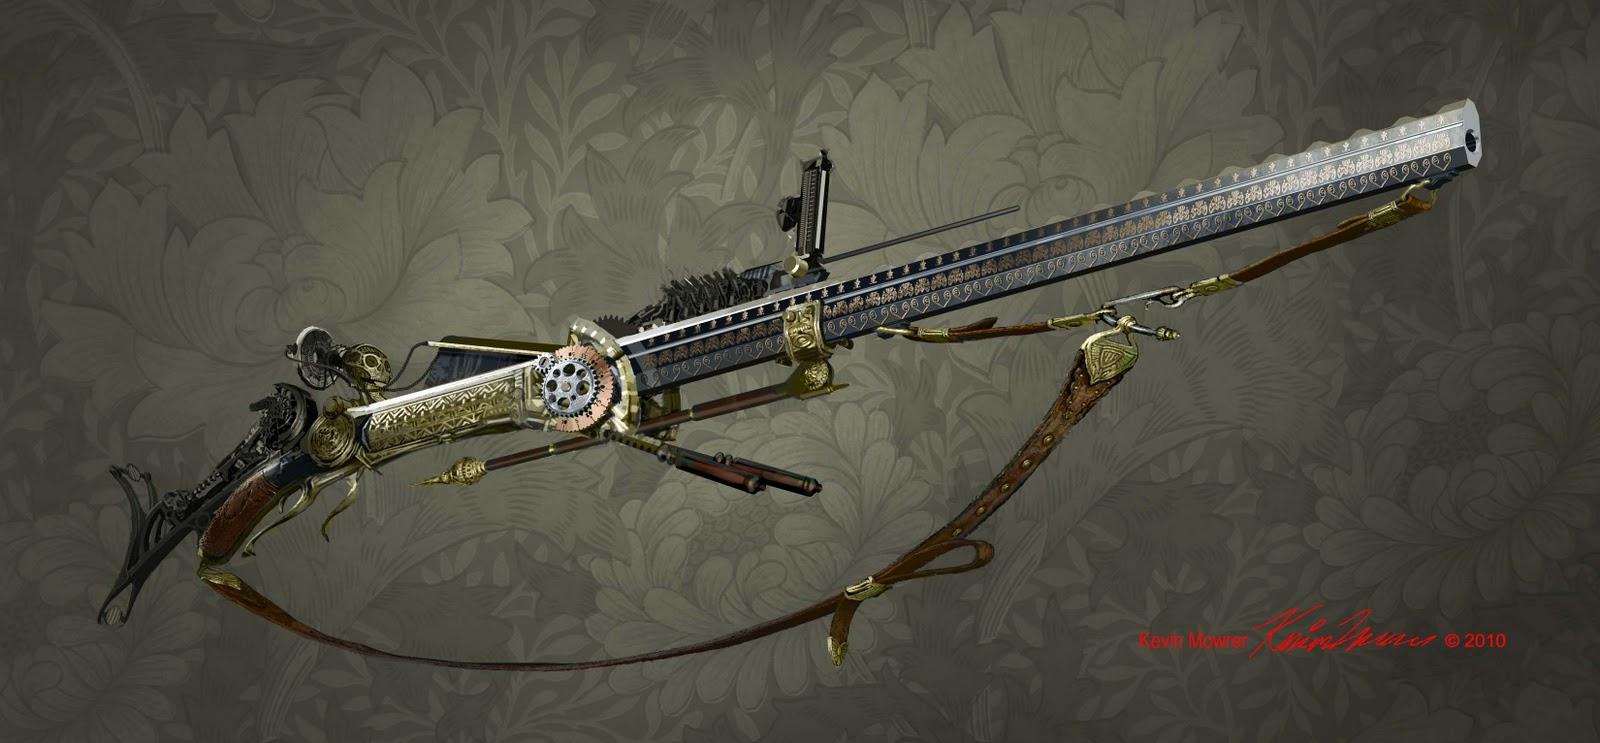 Steampunk_Aether_rifle_in_progress_V3.jpg